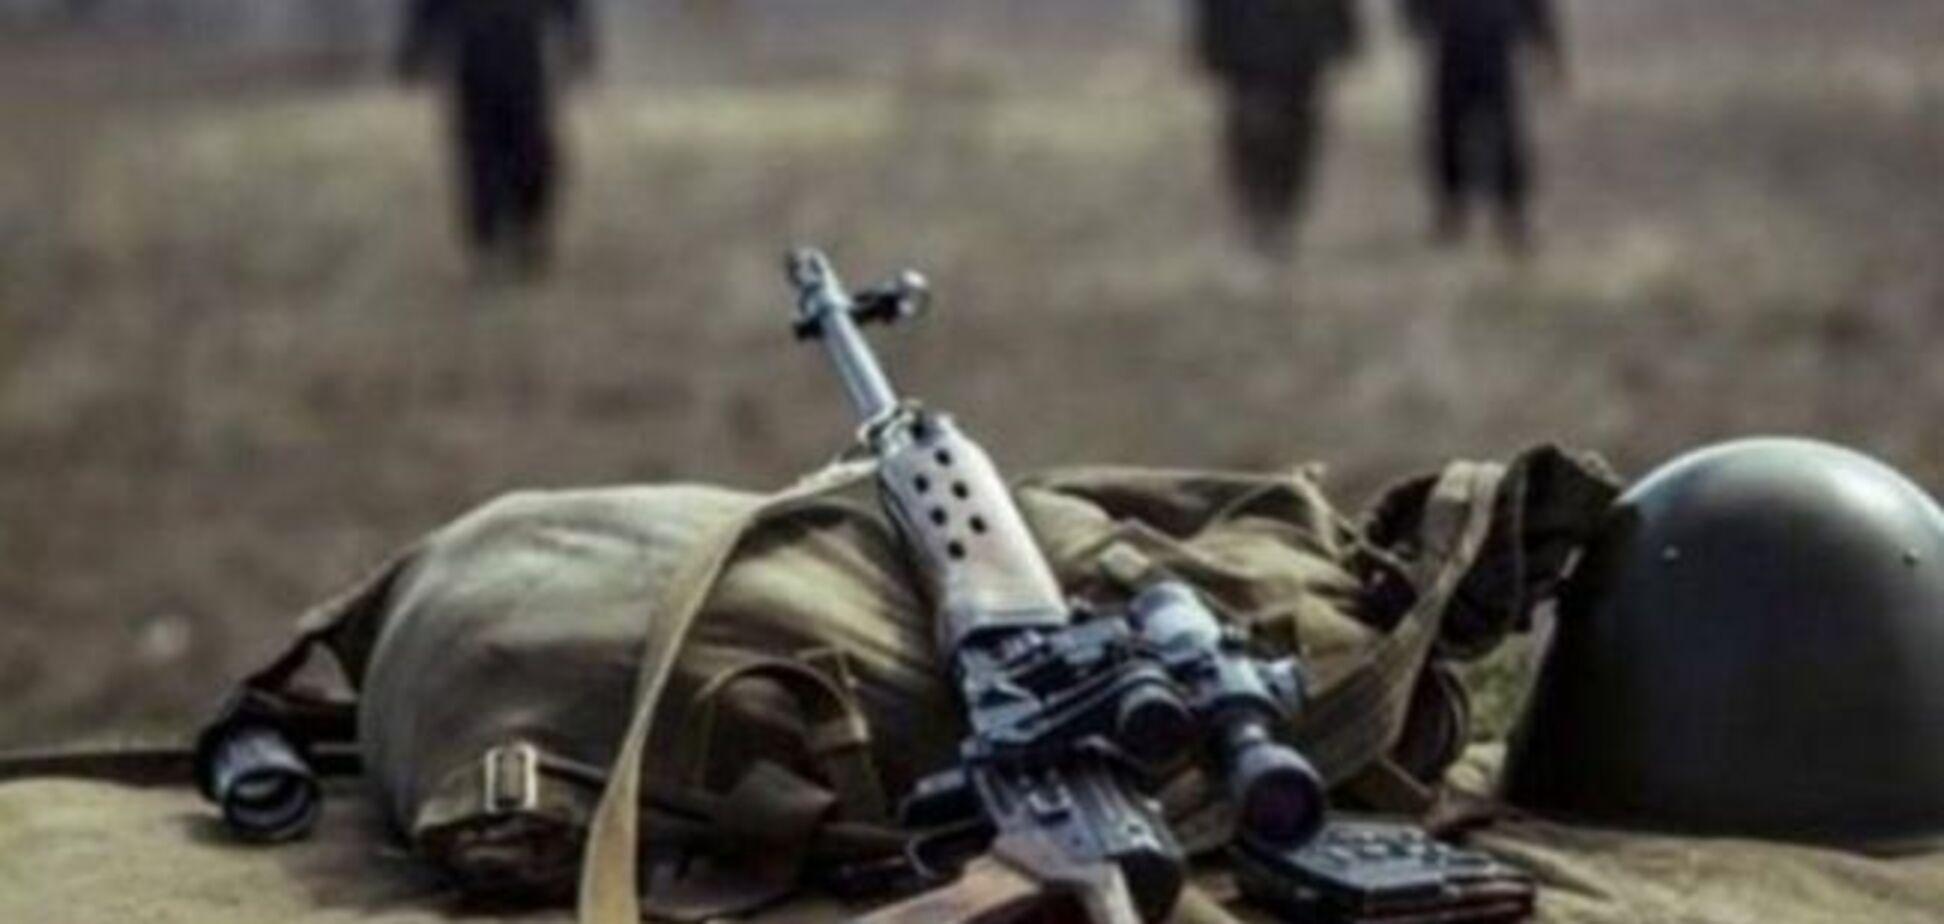 Обострение на Донбассе: стало известно о новых потерях сил АТО